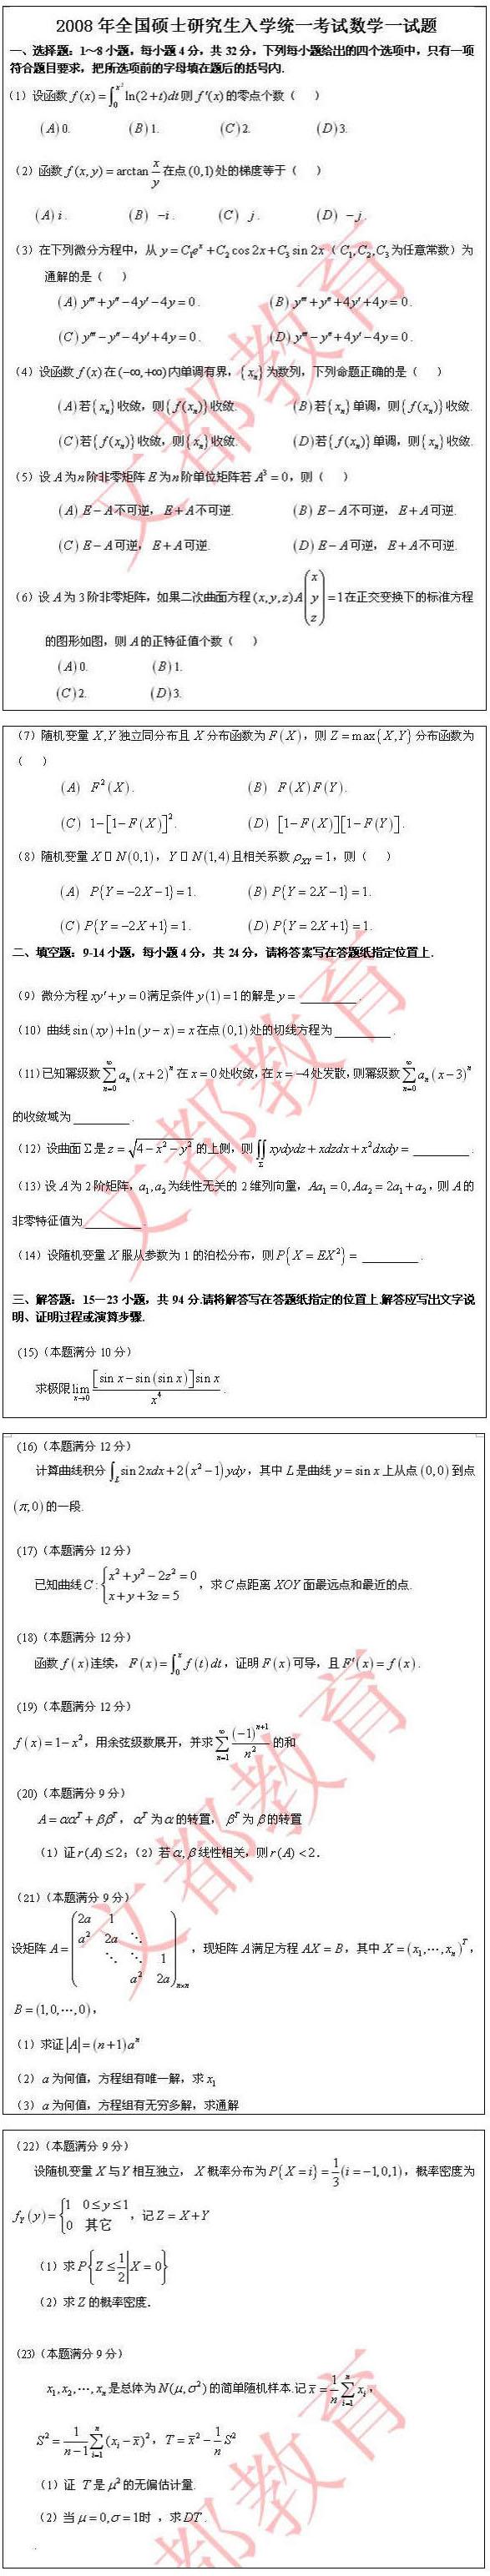 历年考研数学真题下载:2008年考研数学一真题